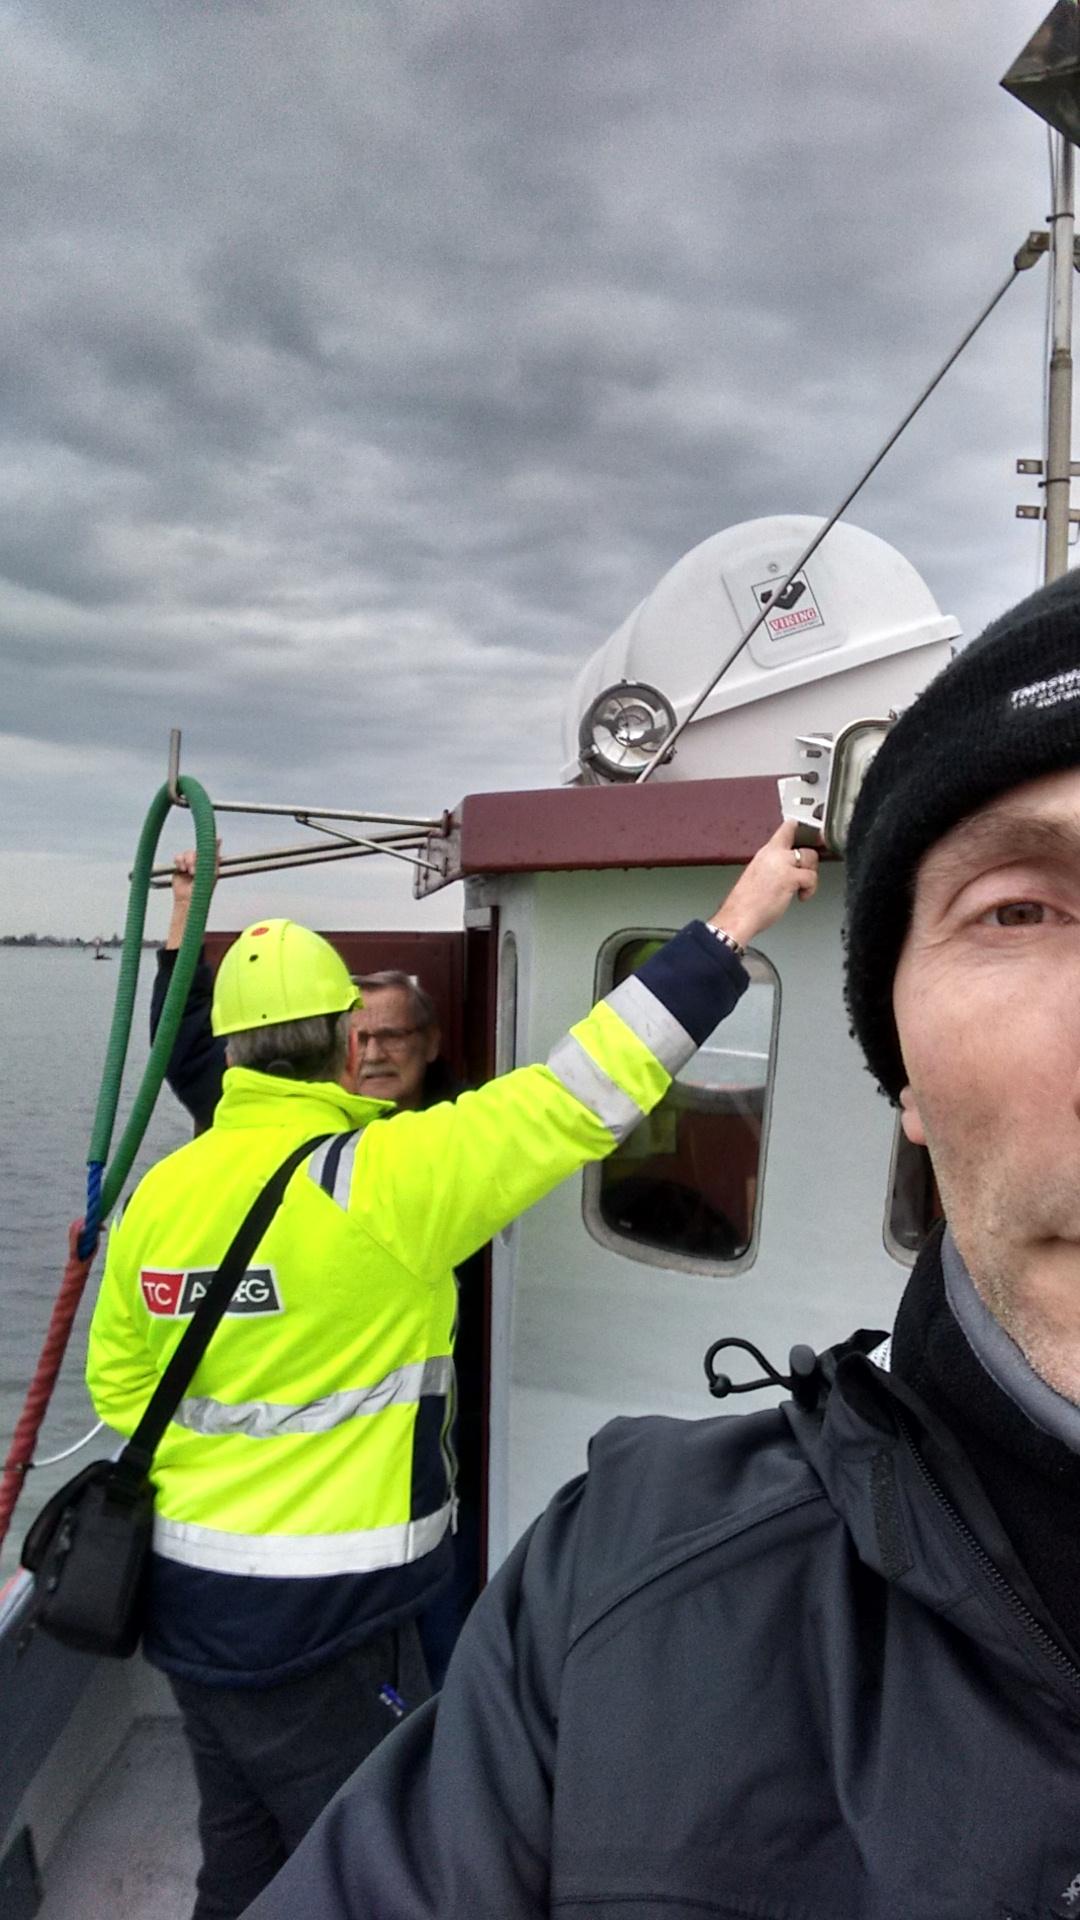 Sejltur til Vigelsø i Odense fjord